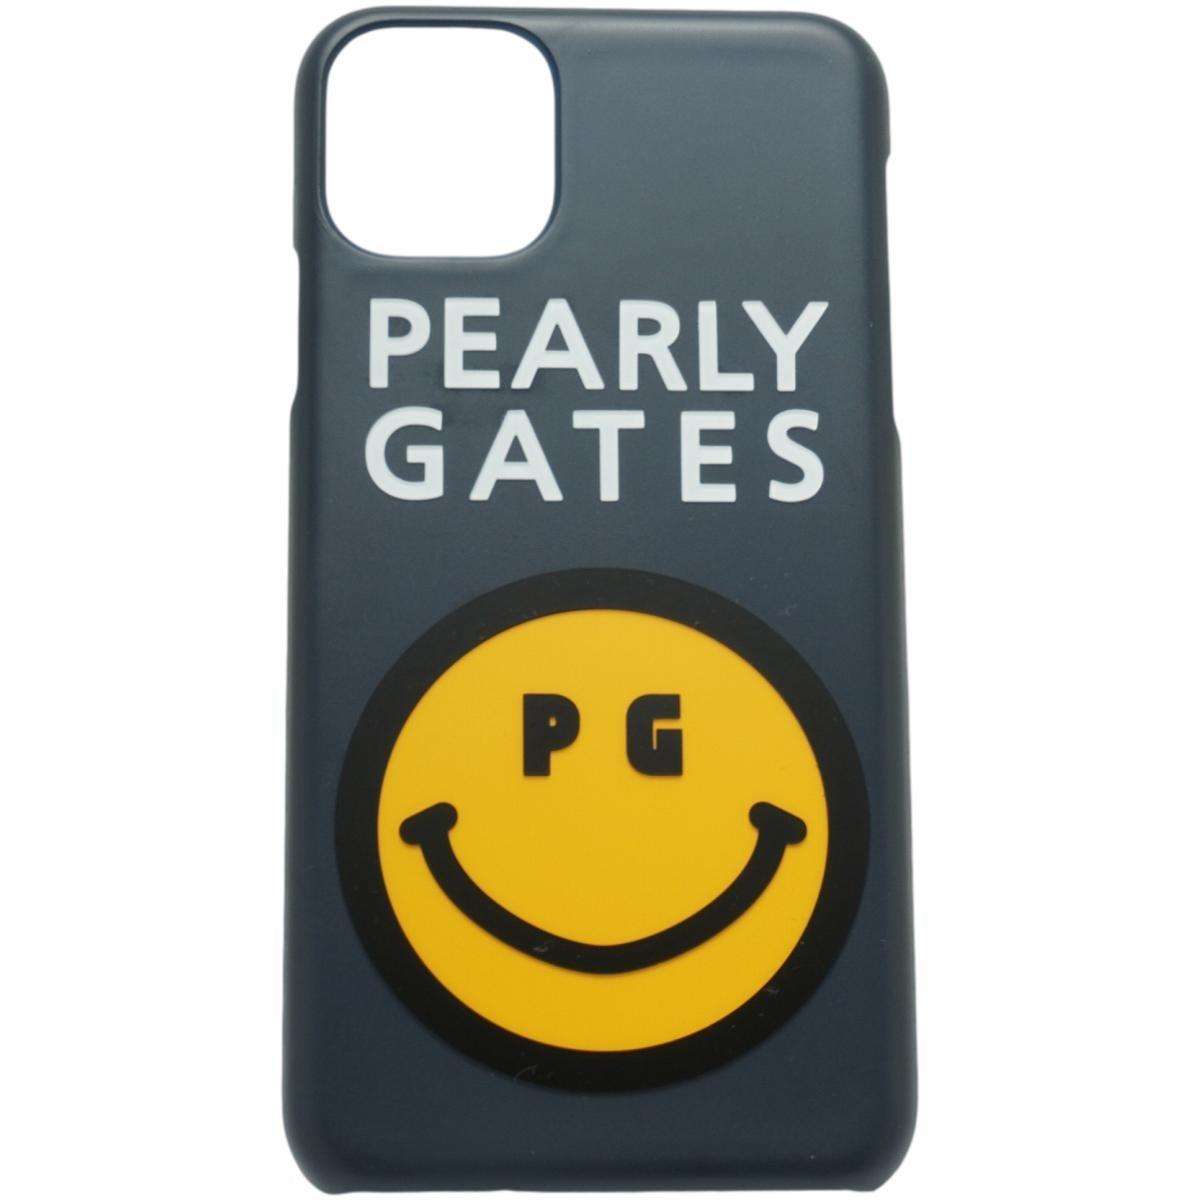 [2020年モデル] パーリーゲイツ PEARLY GATES ニコちゃん iPhone11proMax対応ケース ネイビー 120 ゴルフ